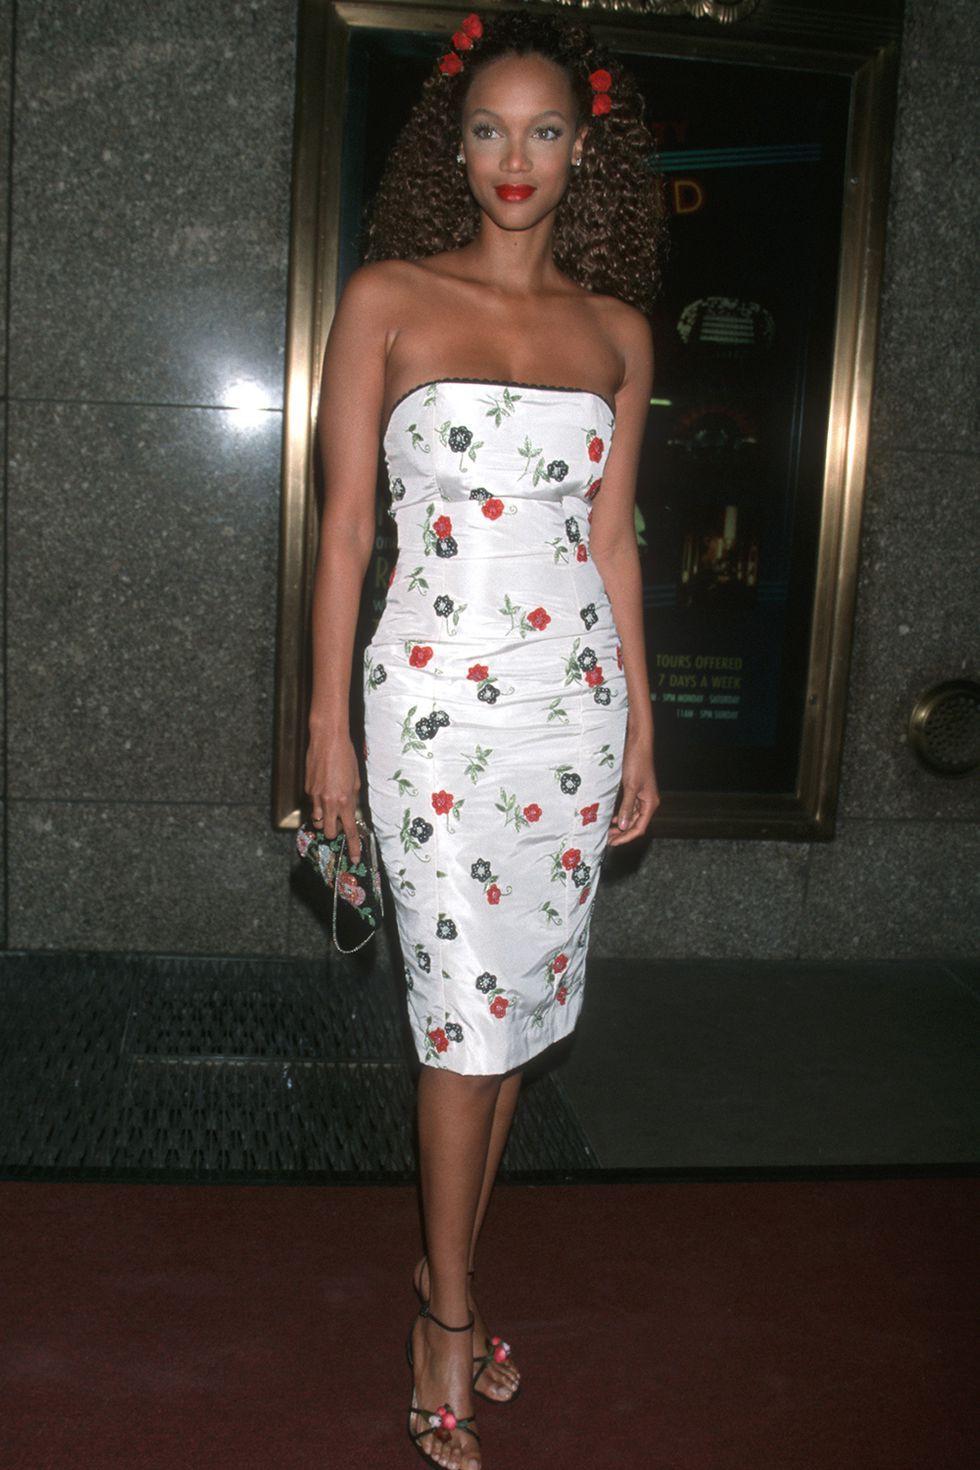 Diện mạo phủ hoa từ đầu đến chân đầy nữ tính, yêu kiều của Tyra Banks có lẽ là một trong những hình ảnh đáng nhớ nhất khi người ta nghĩ về siêu mẫu kỳ cựu này.